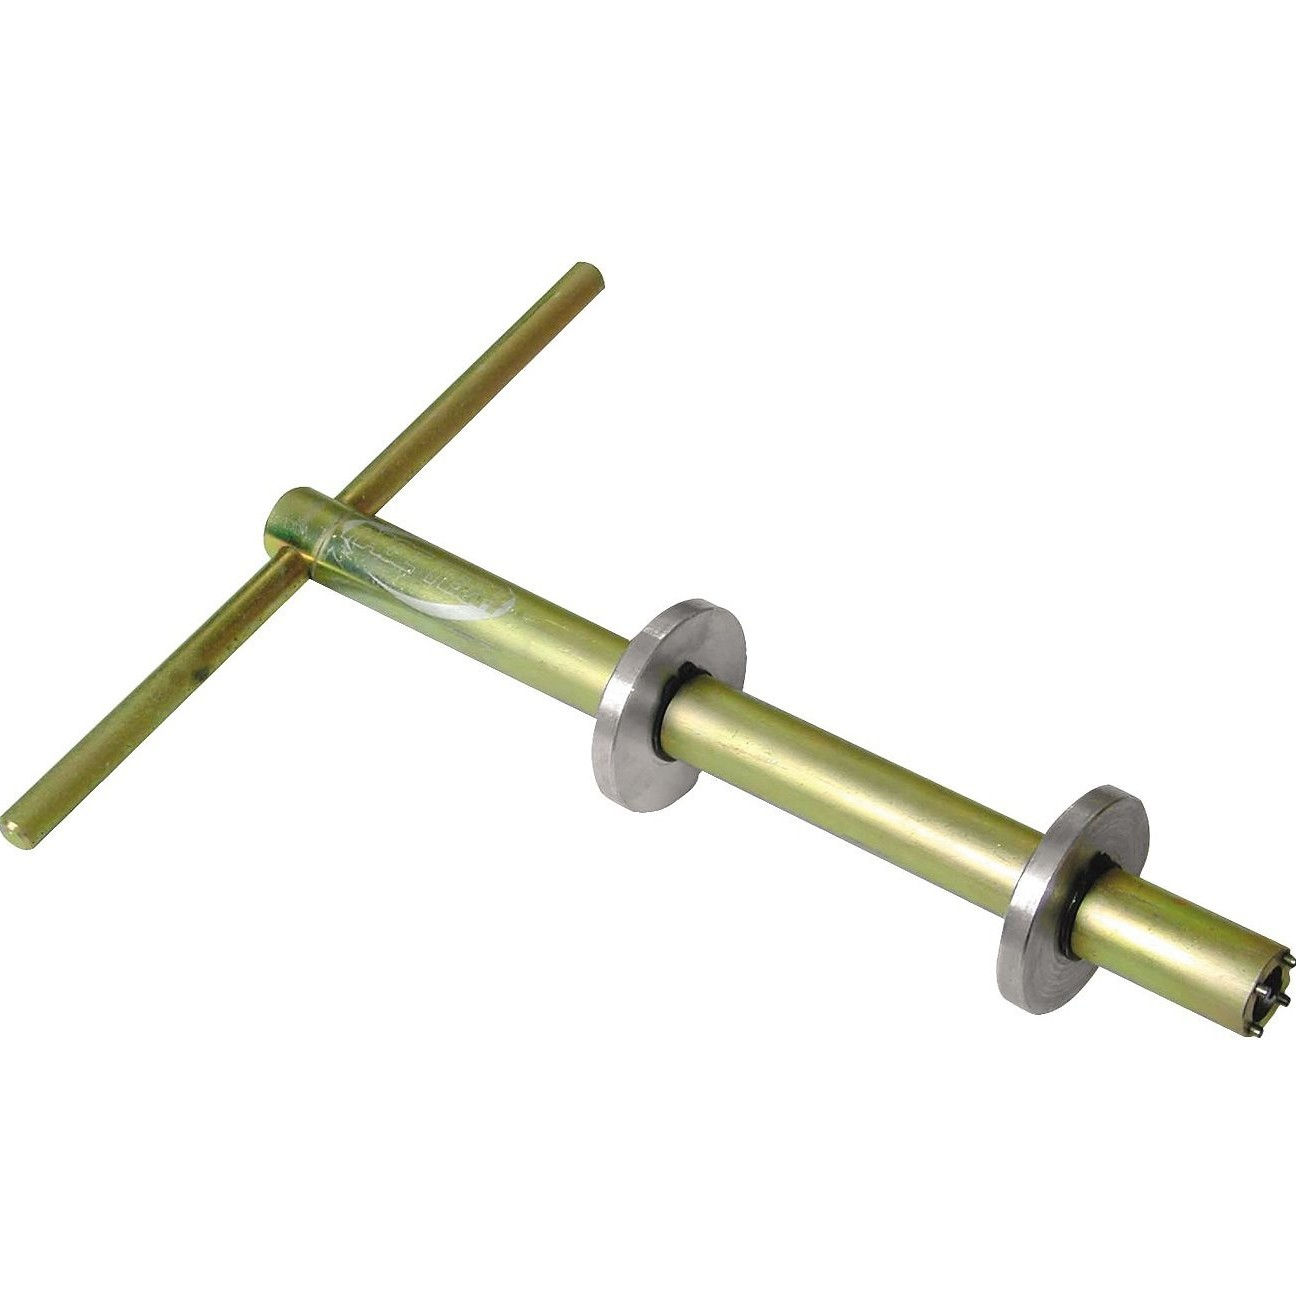 Race Tech T-Handle Shock Needle Tool